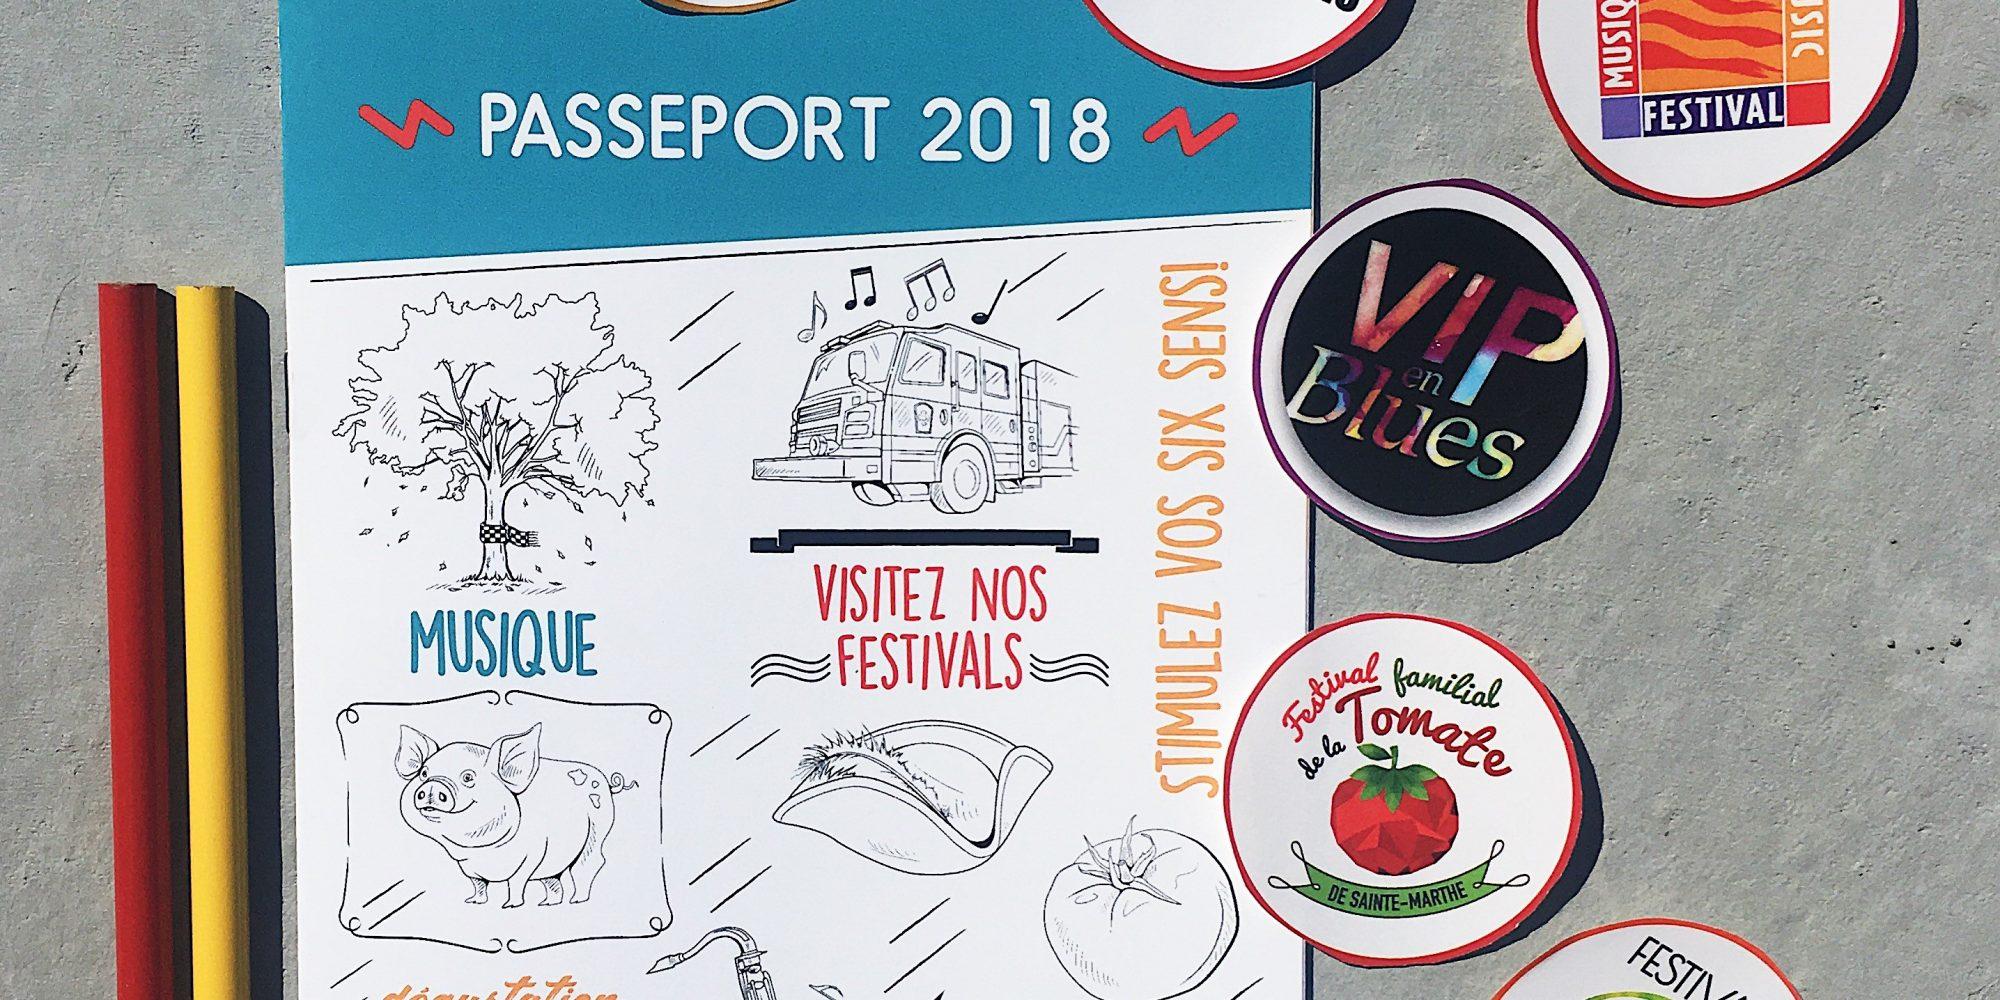 Passeport cahier colorier concours festival